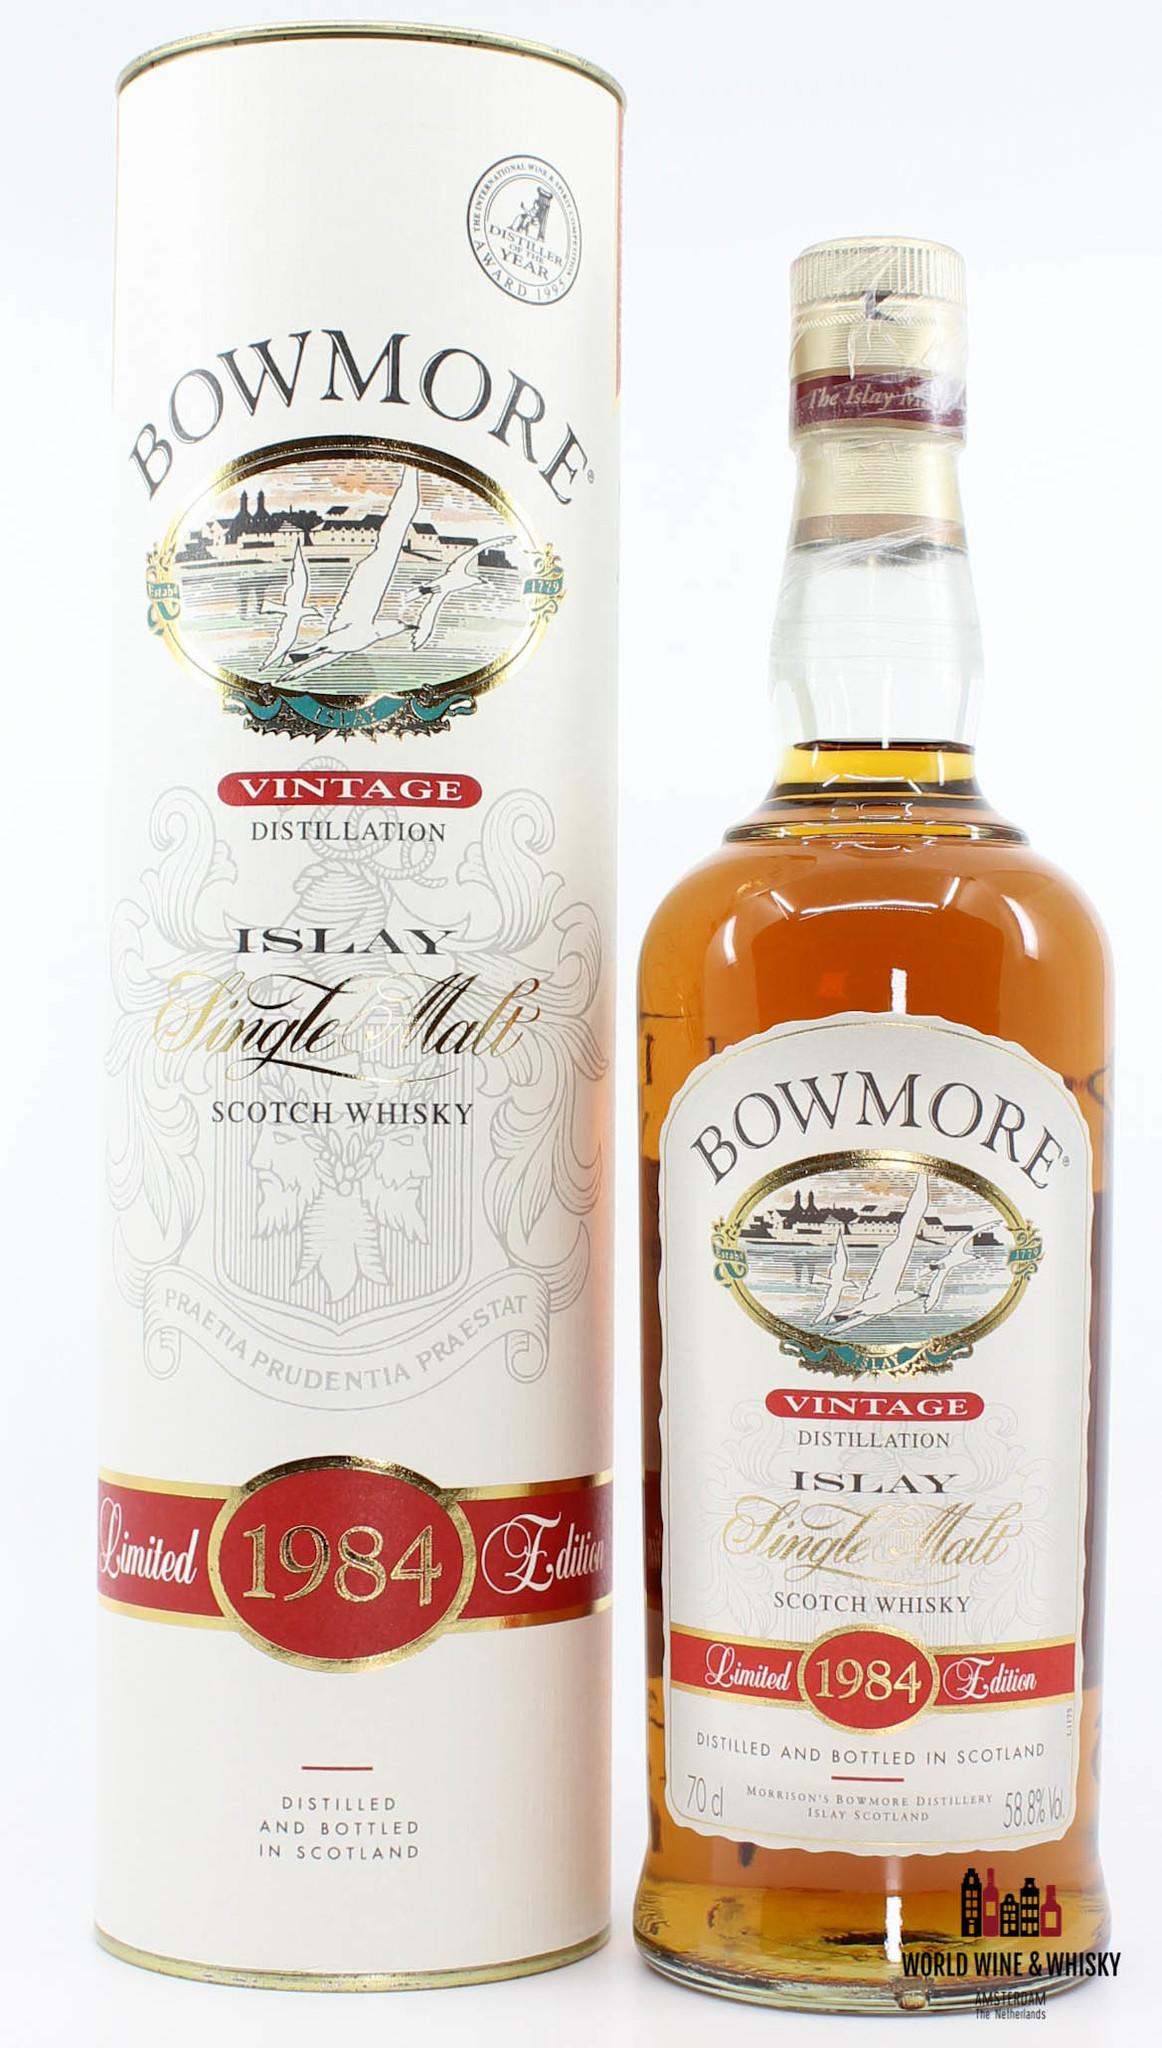 Bowmore Bowmore Vintage 1984 58.8%